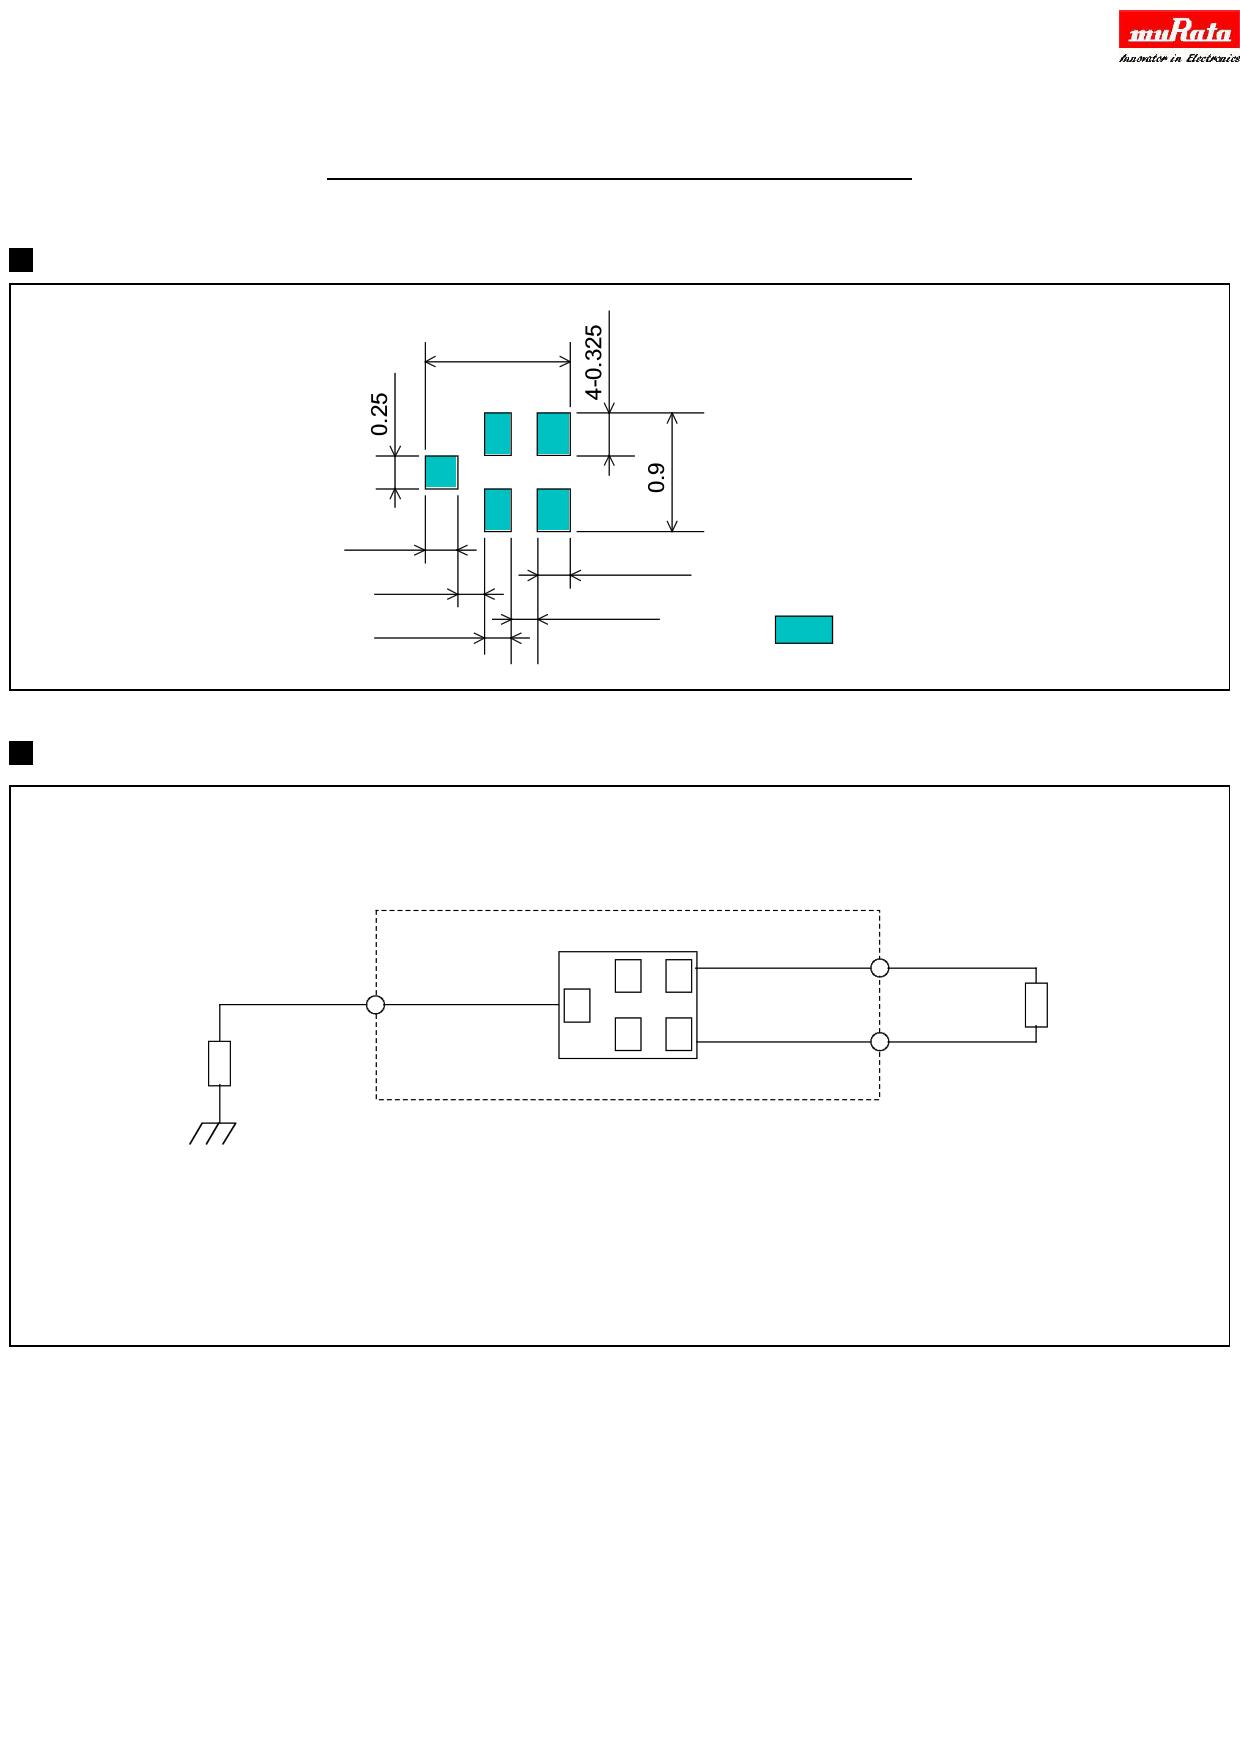 SAFFB1G48FL0F0A pdf, 반도체, 판매, 대치품